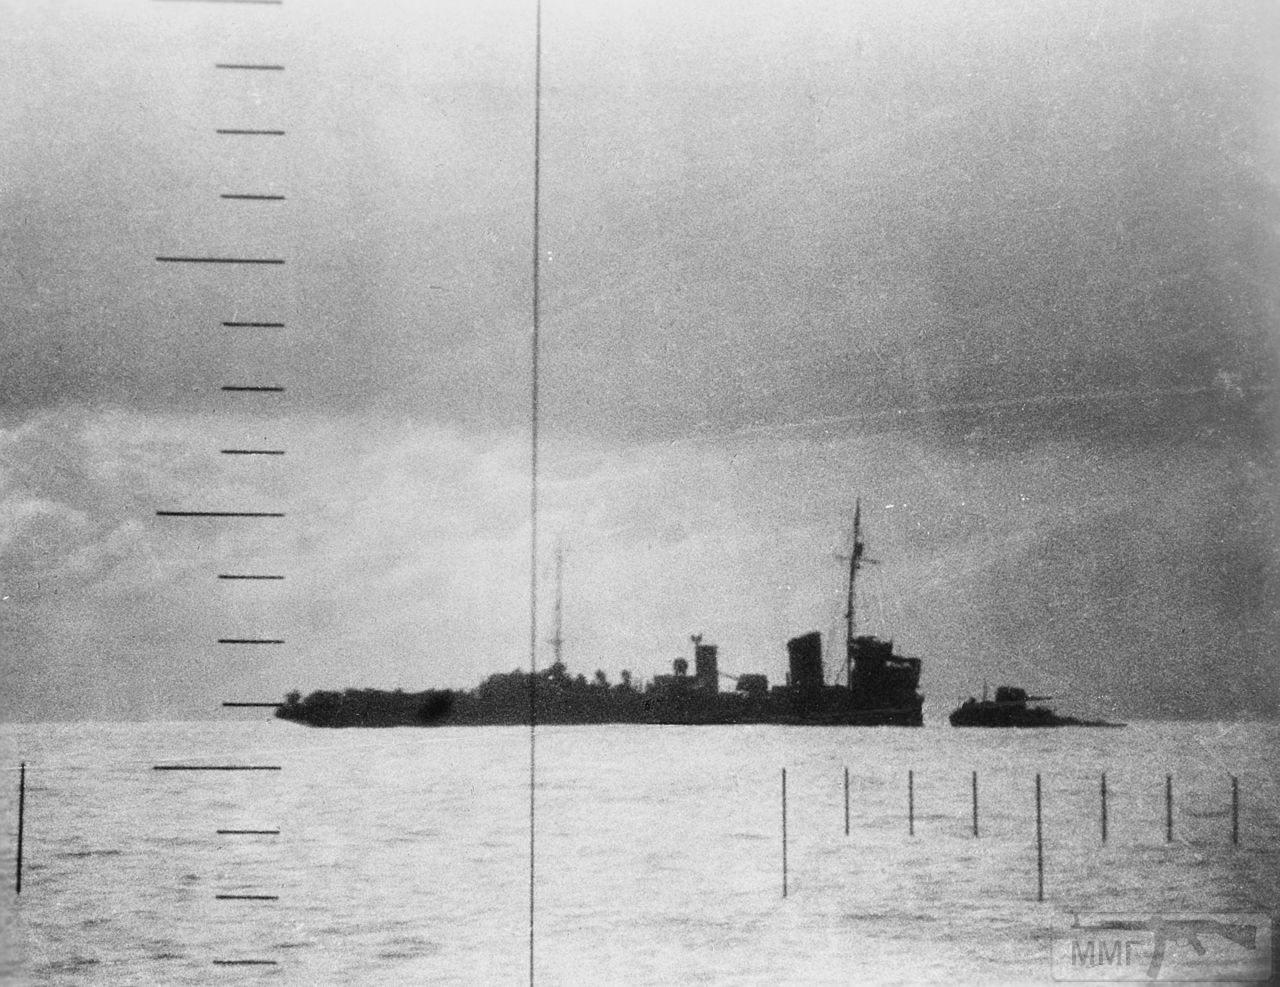 94105 - Военное фото 1941-1945 г.г. Тихий океан.